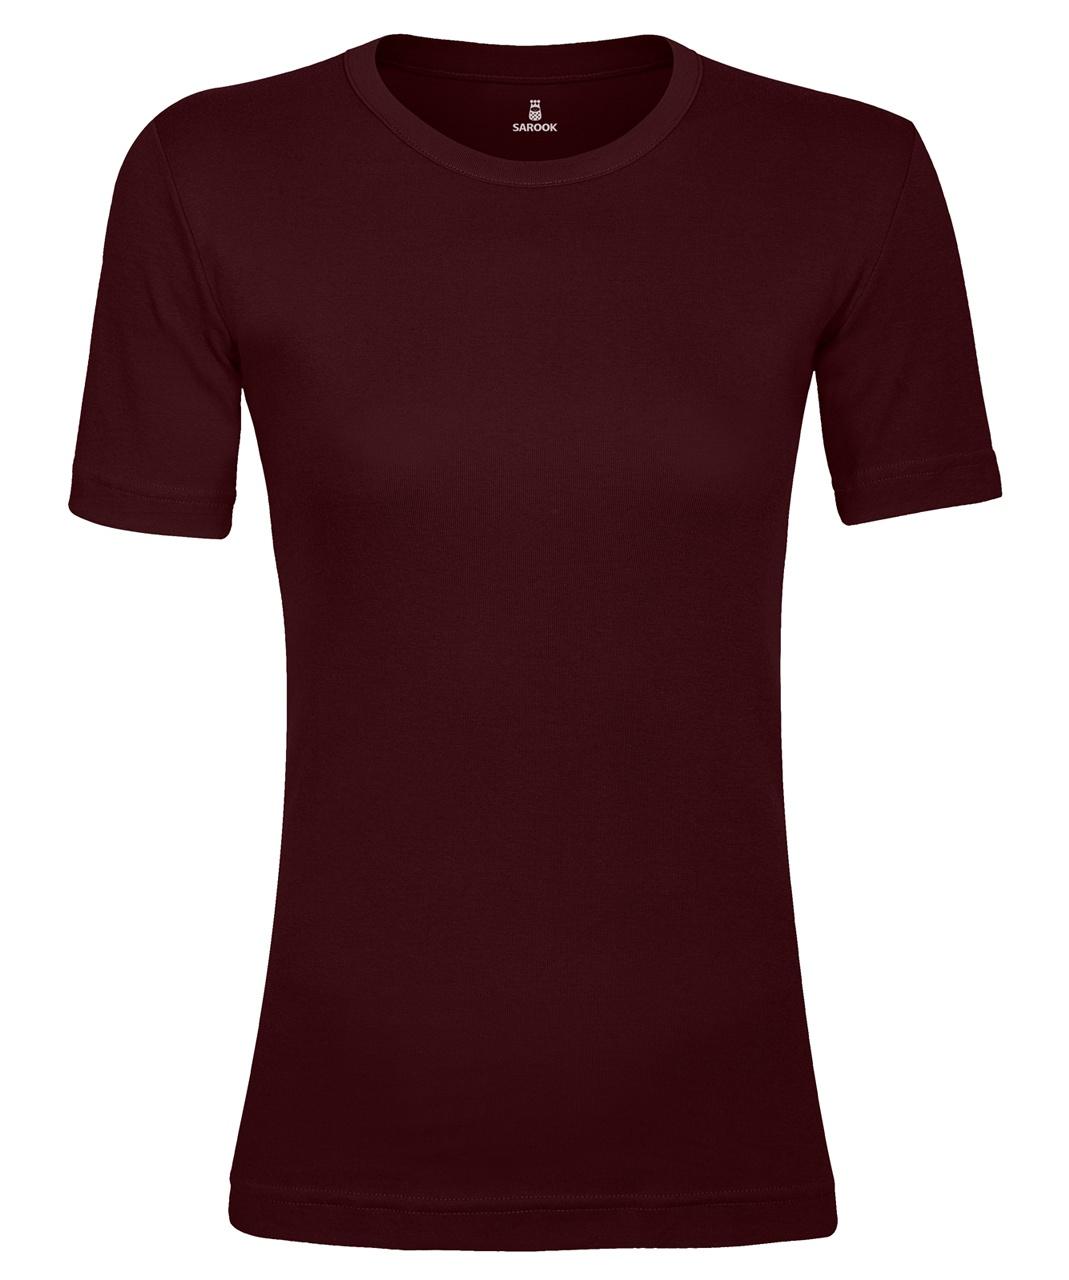 تصویر تی شرت زنانه ساروک مدل TZYUF08 رنگ زرشکی